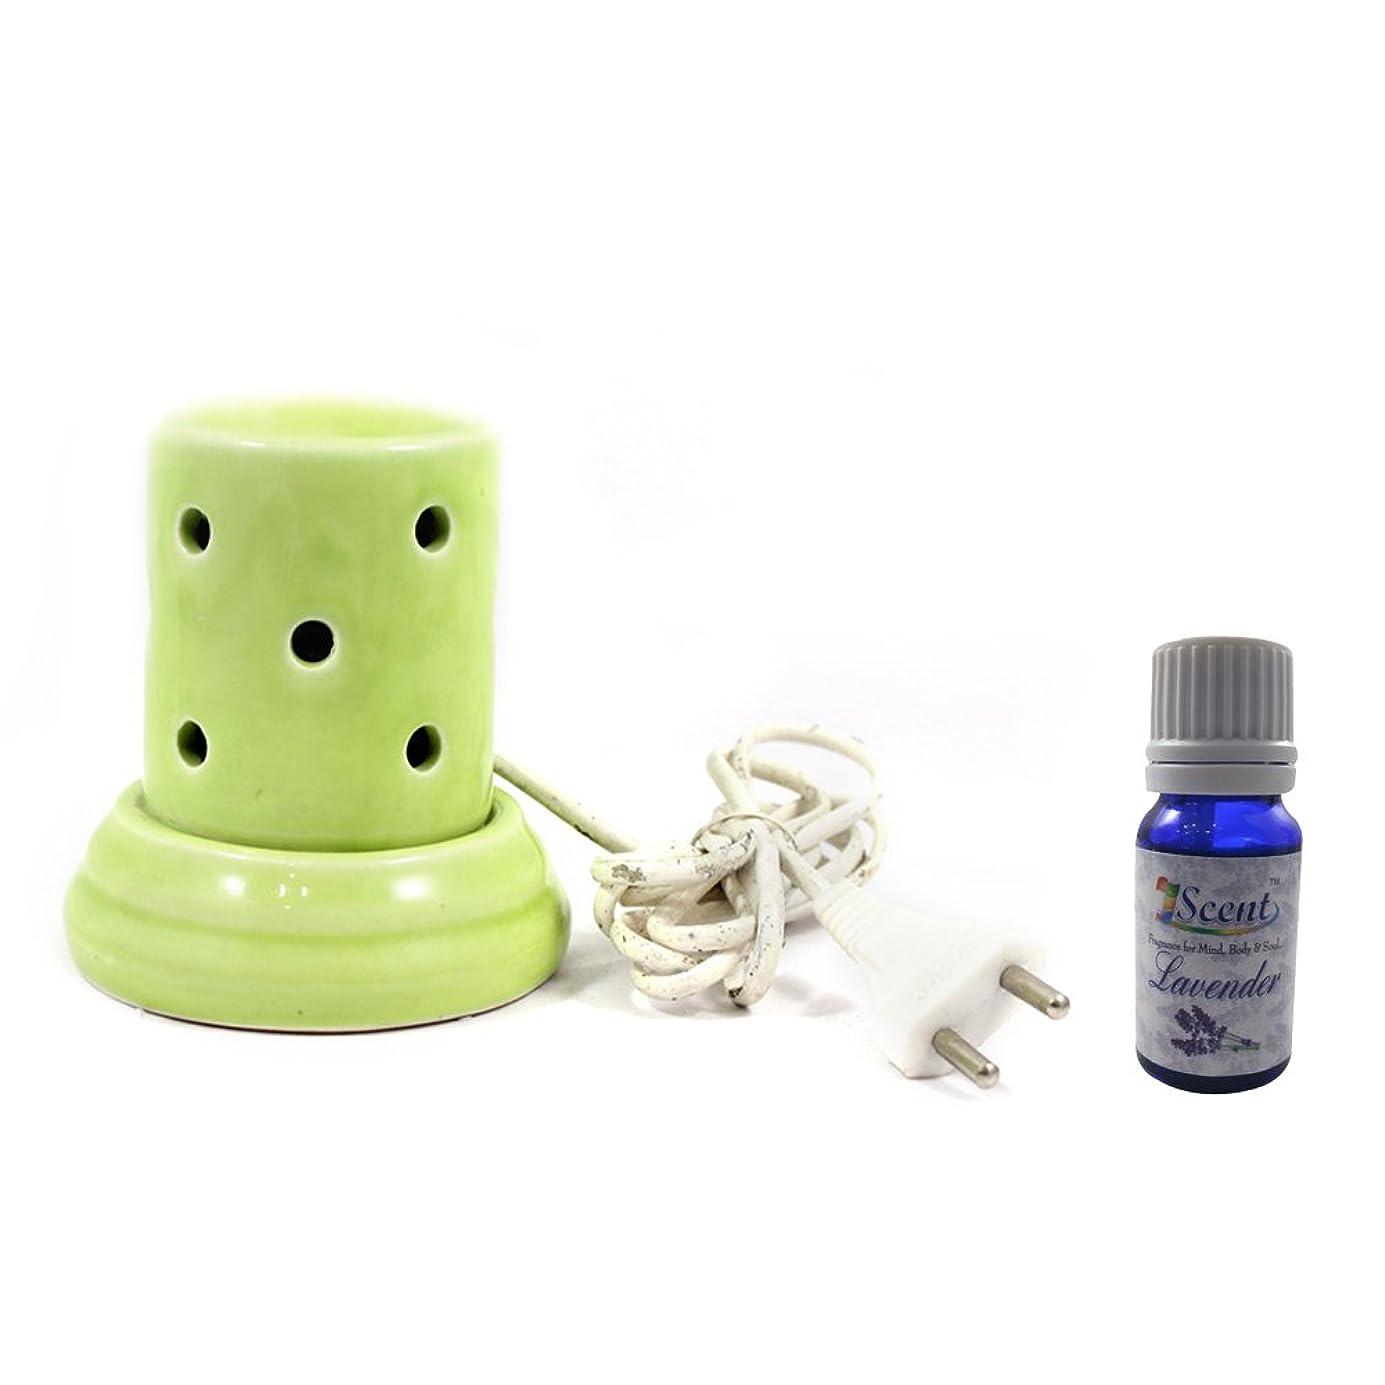 モディッシュ認めるヤング家庭装飾定期的に使用する汚染されていない手作りセラミックエスニック電気アロマディフューザーオイルバーナージャスミンフレグランスオイル|良質緑色の電気アロマテラピー香油暖かい数量1